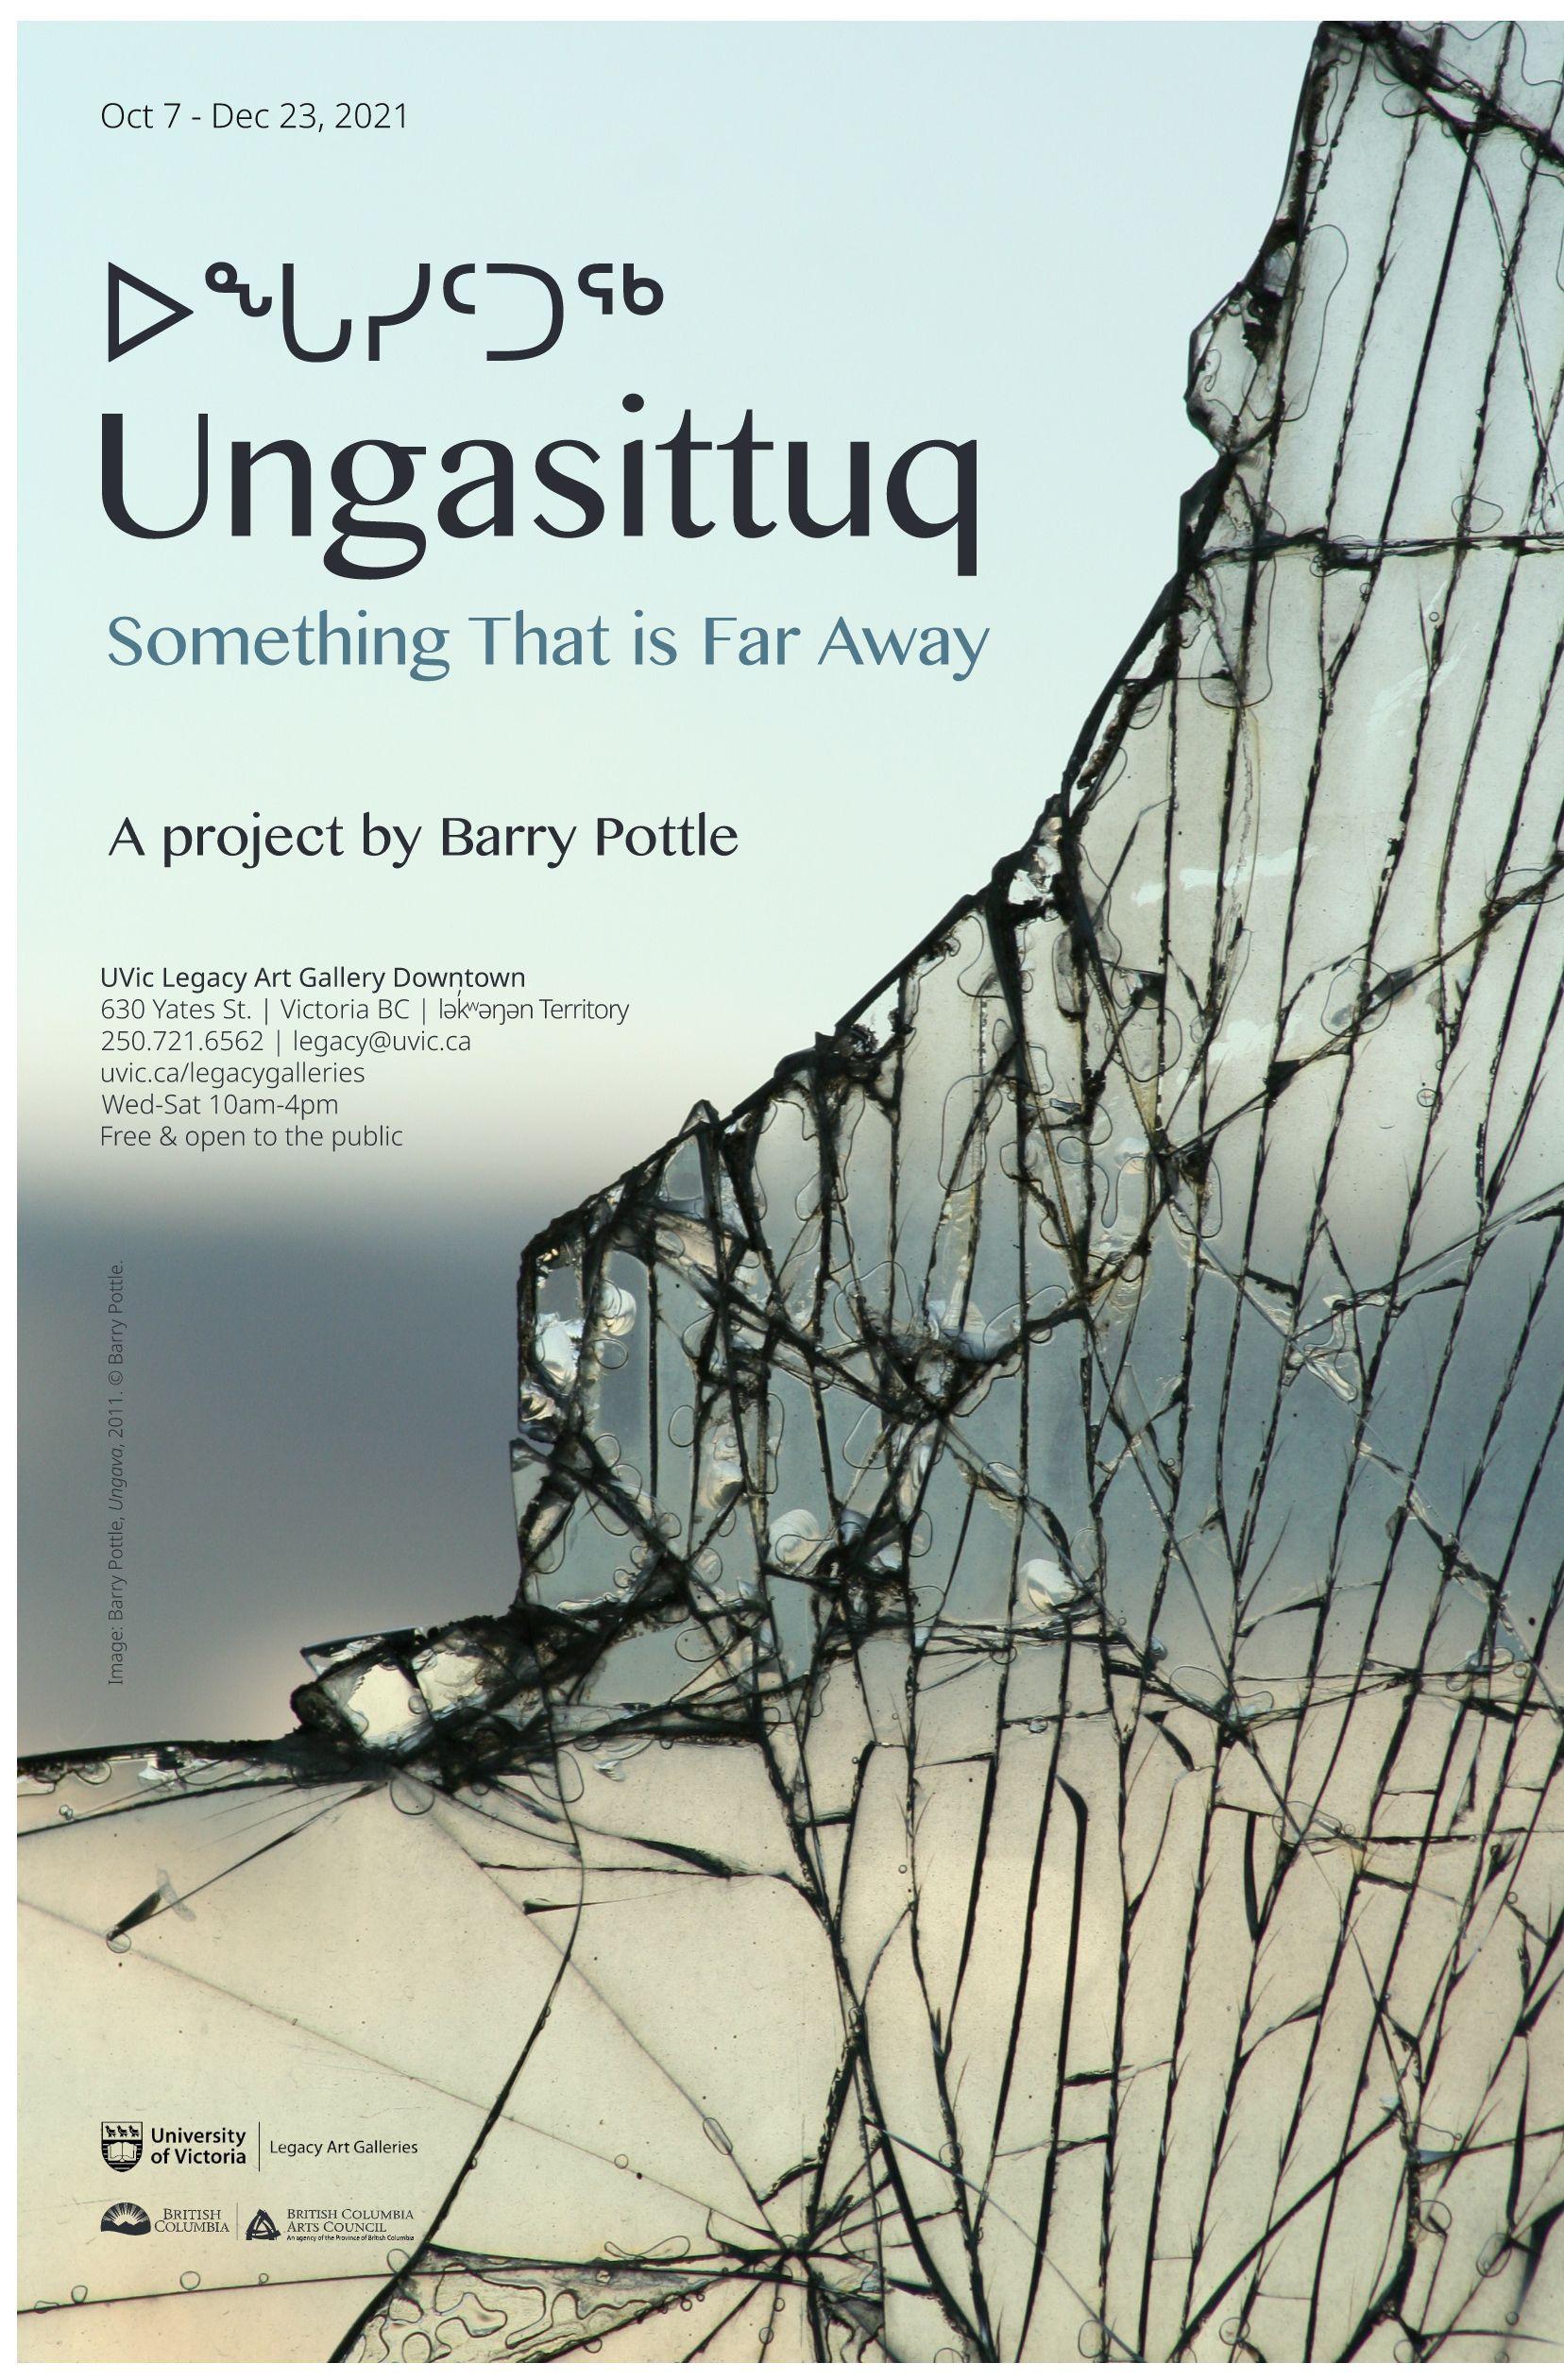 Ungasittuq-poster-nocrop